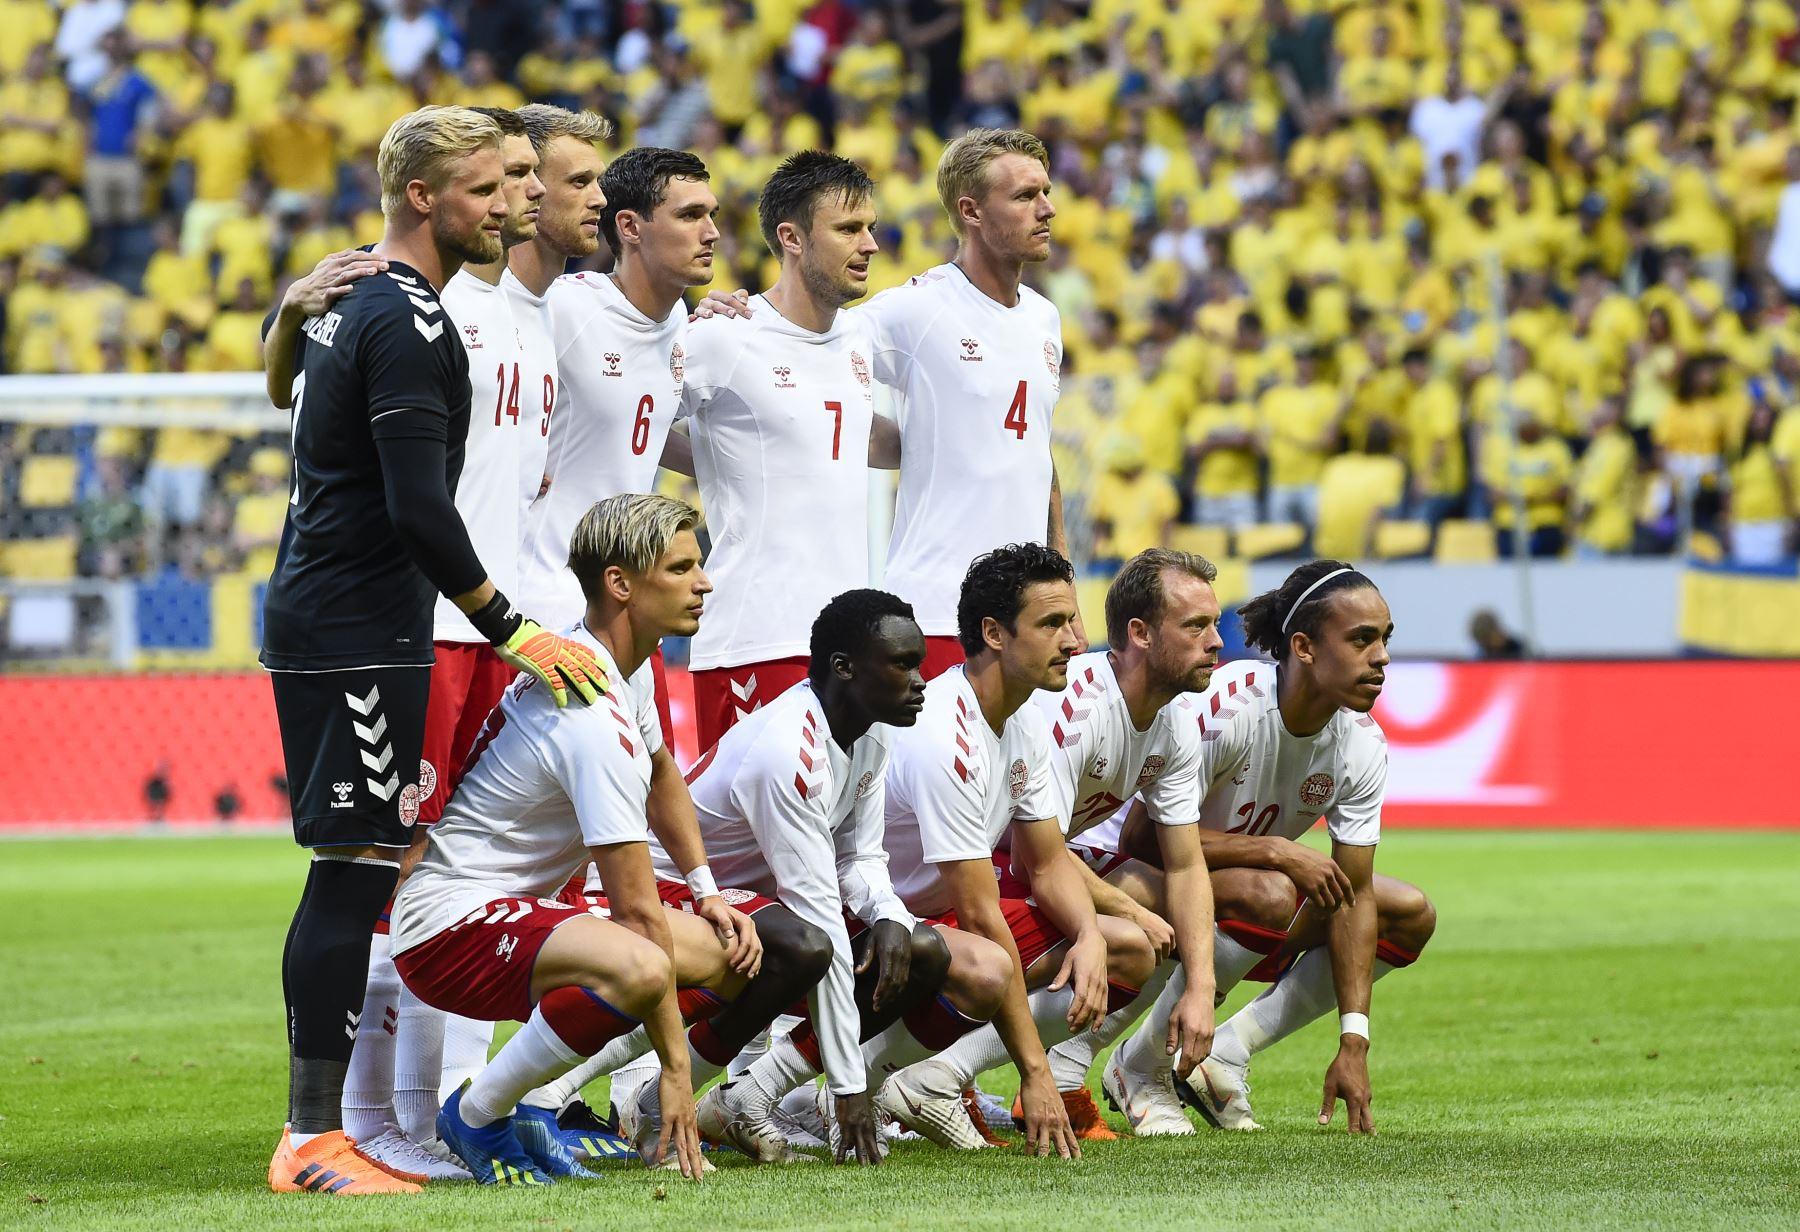 Selección de futbol de Dinamarca. Foto:AFP